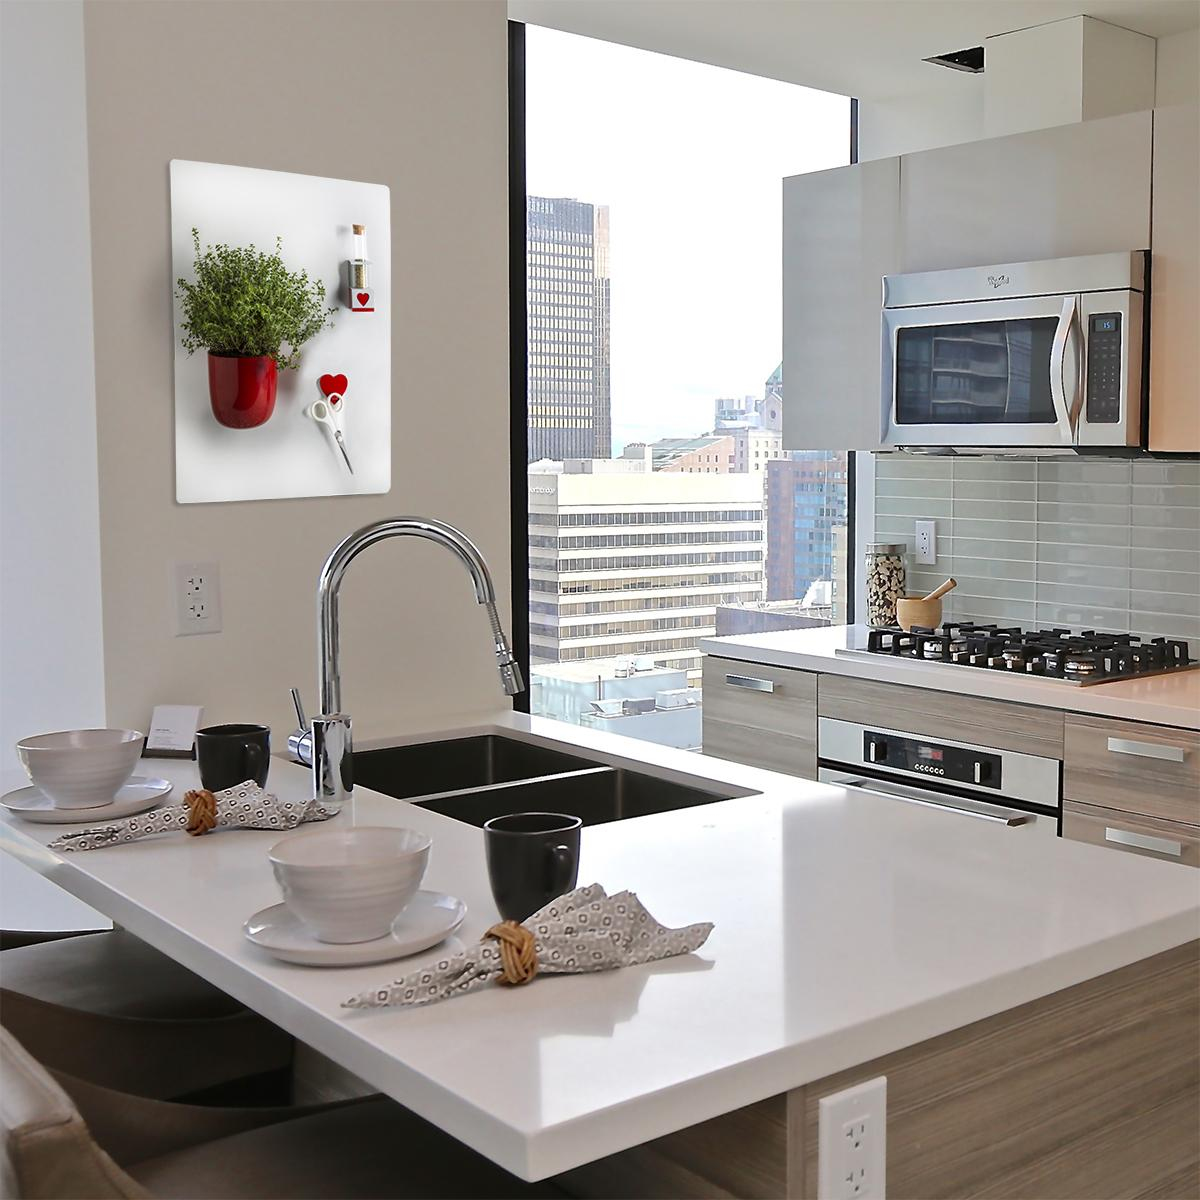 Kalamitica lavagna magnetica in acciaio scrivibile con - Lavagna magnetica da cucina ...